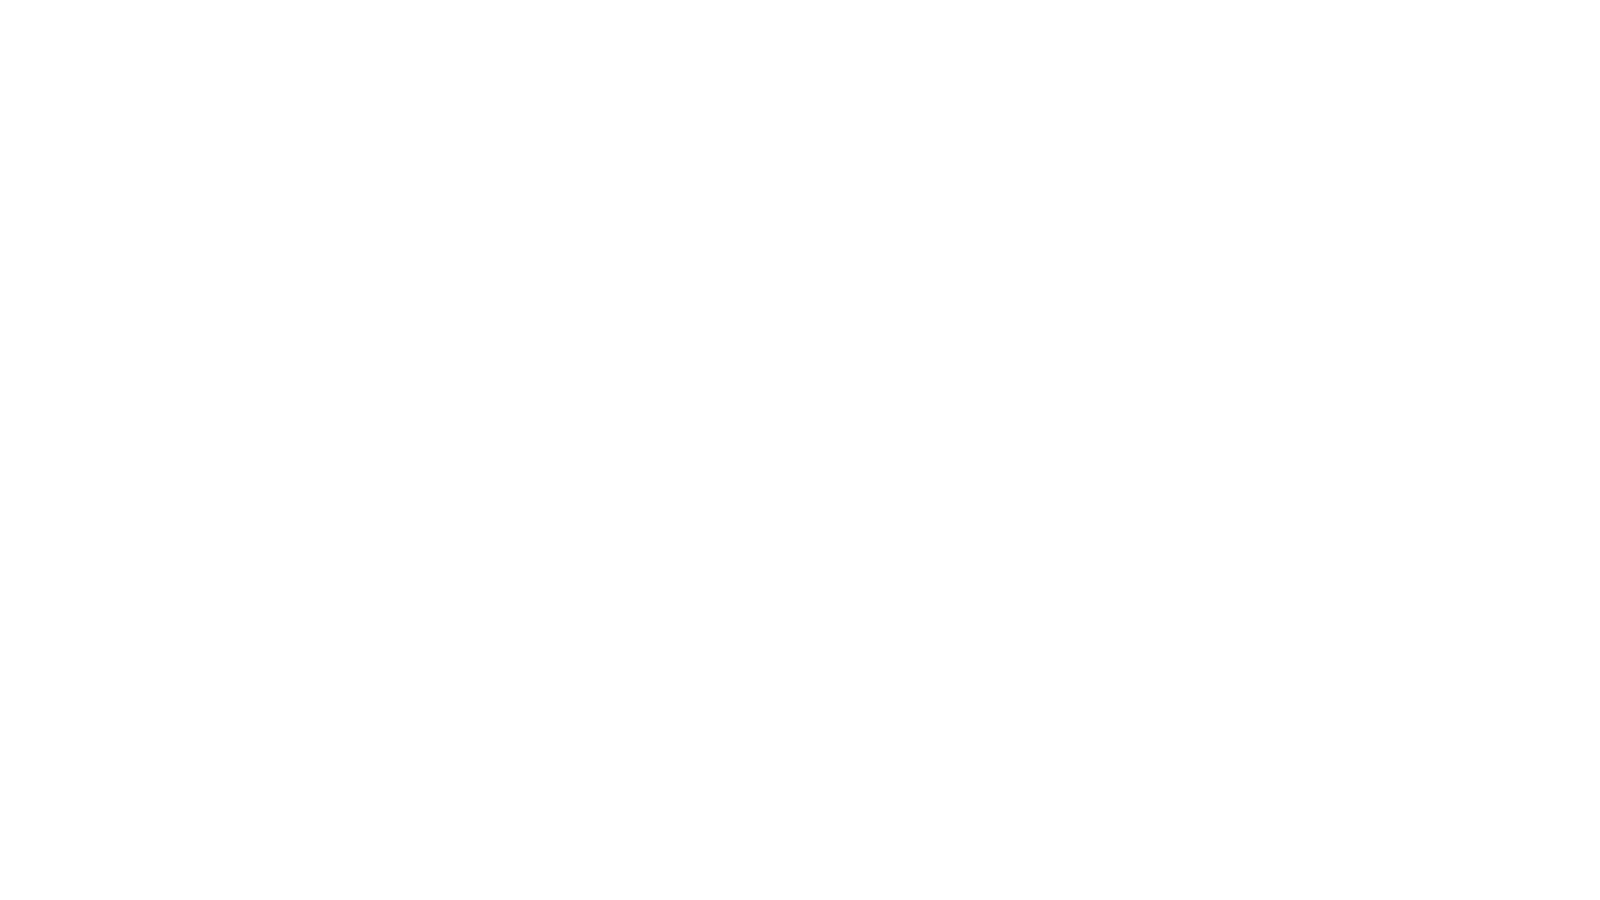 Pensate che il 2020 sia stato un anno da dimenticare?  In questa puntata a più voci vi raccontiamo tutto quello che di buono c'è stato quest'anno.   Con noi: Patrizia Caiffa direttrice di B-hop magazine Enrico Fontana, giornalista, segreteria nazionale di Legambiente Angela Iantosca, giornalista e scrittrice